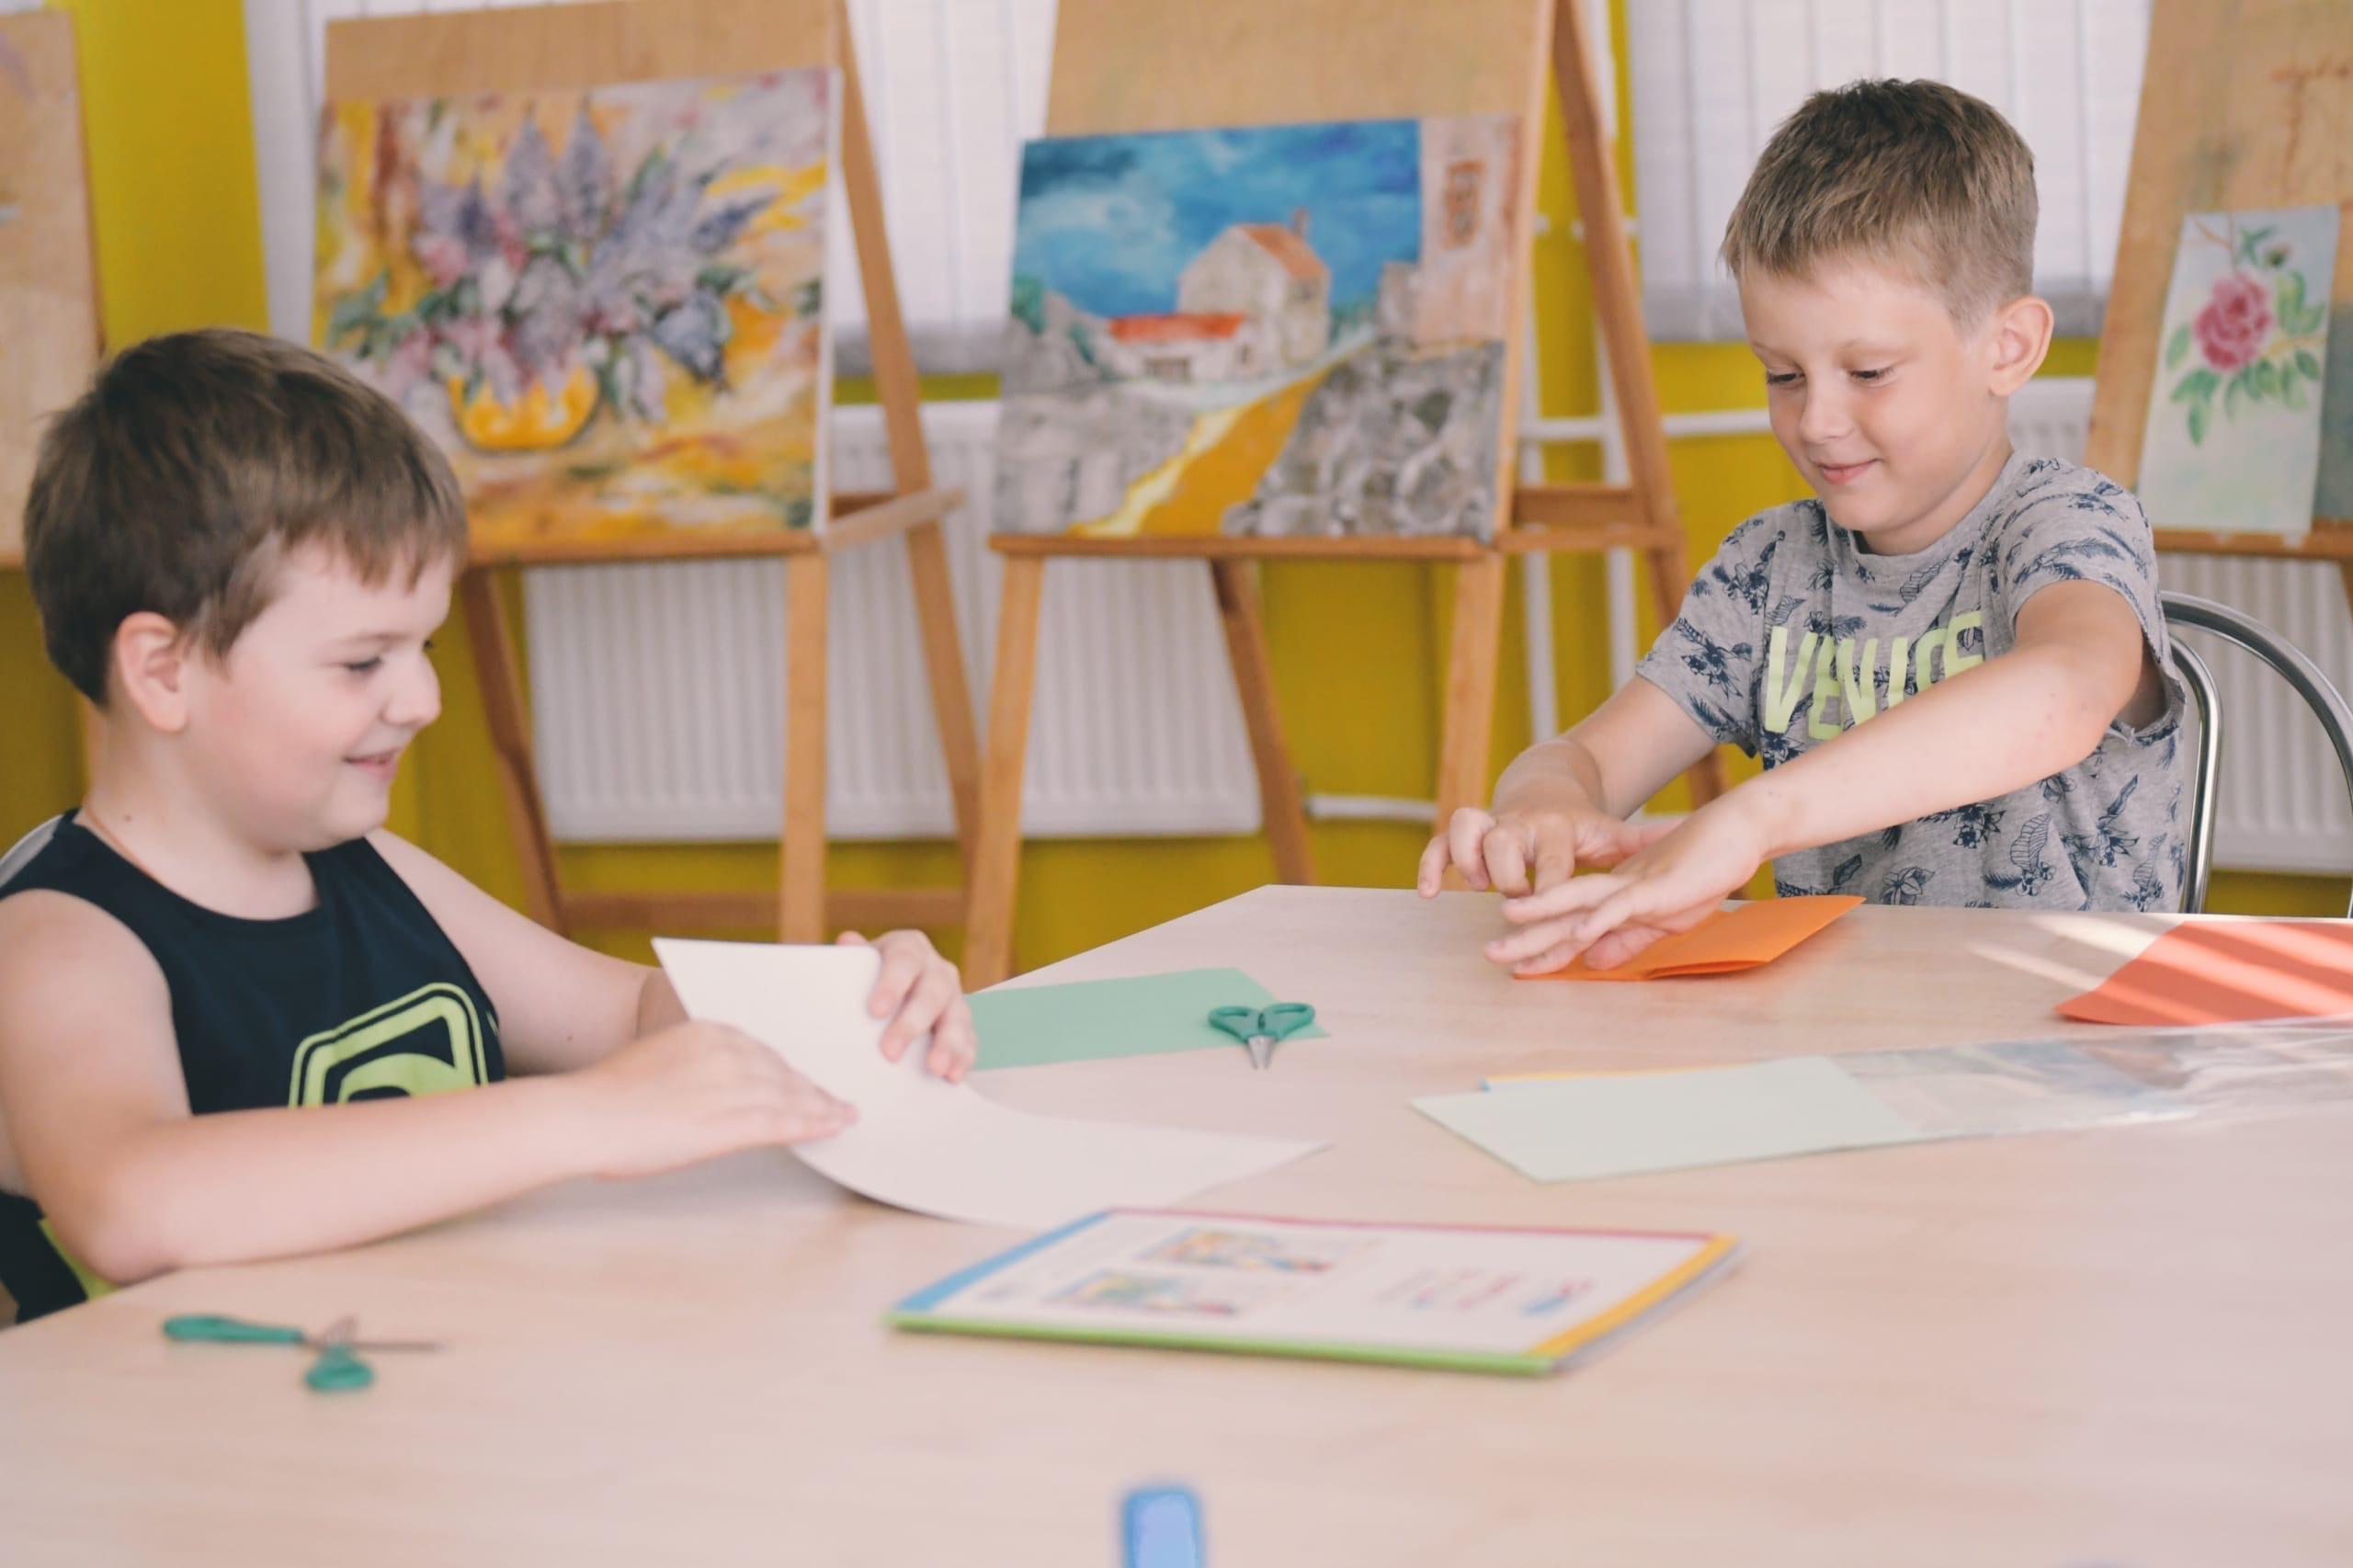 Интерактивную программу для детей организовали сотрудники Культурного центра «Киевский»